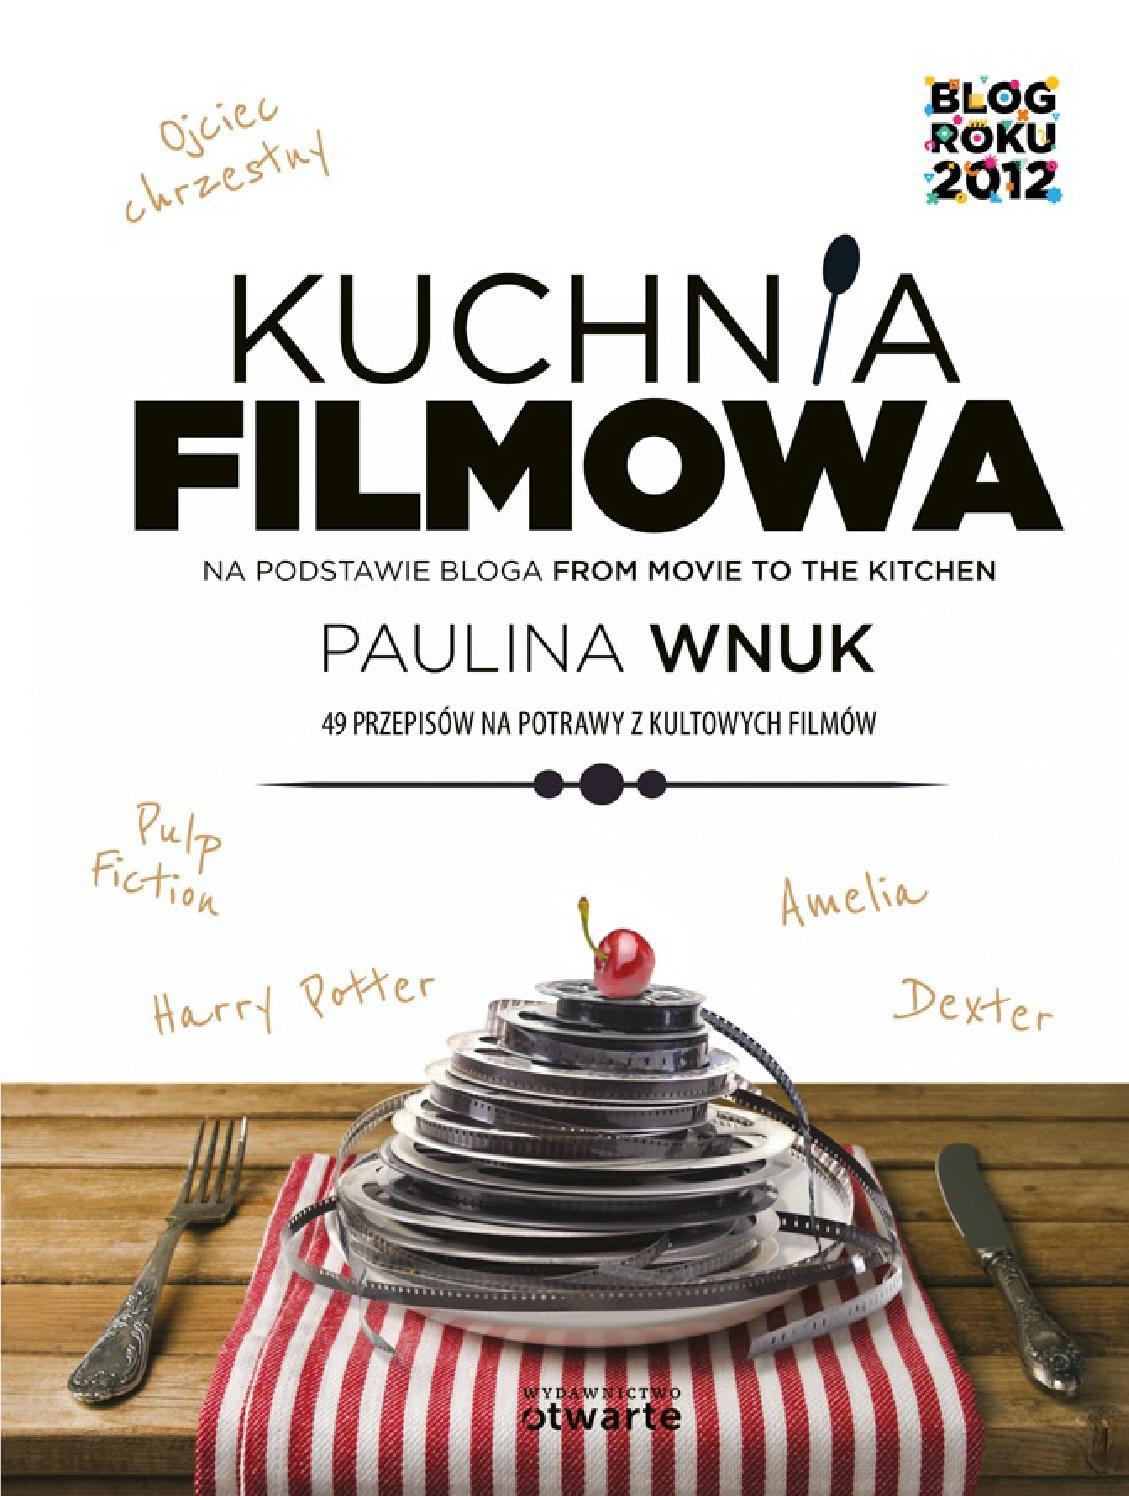 Kuchnia Filmowa By Siw Znak Issuu